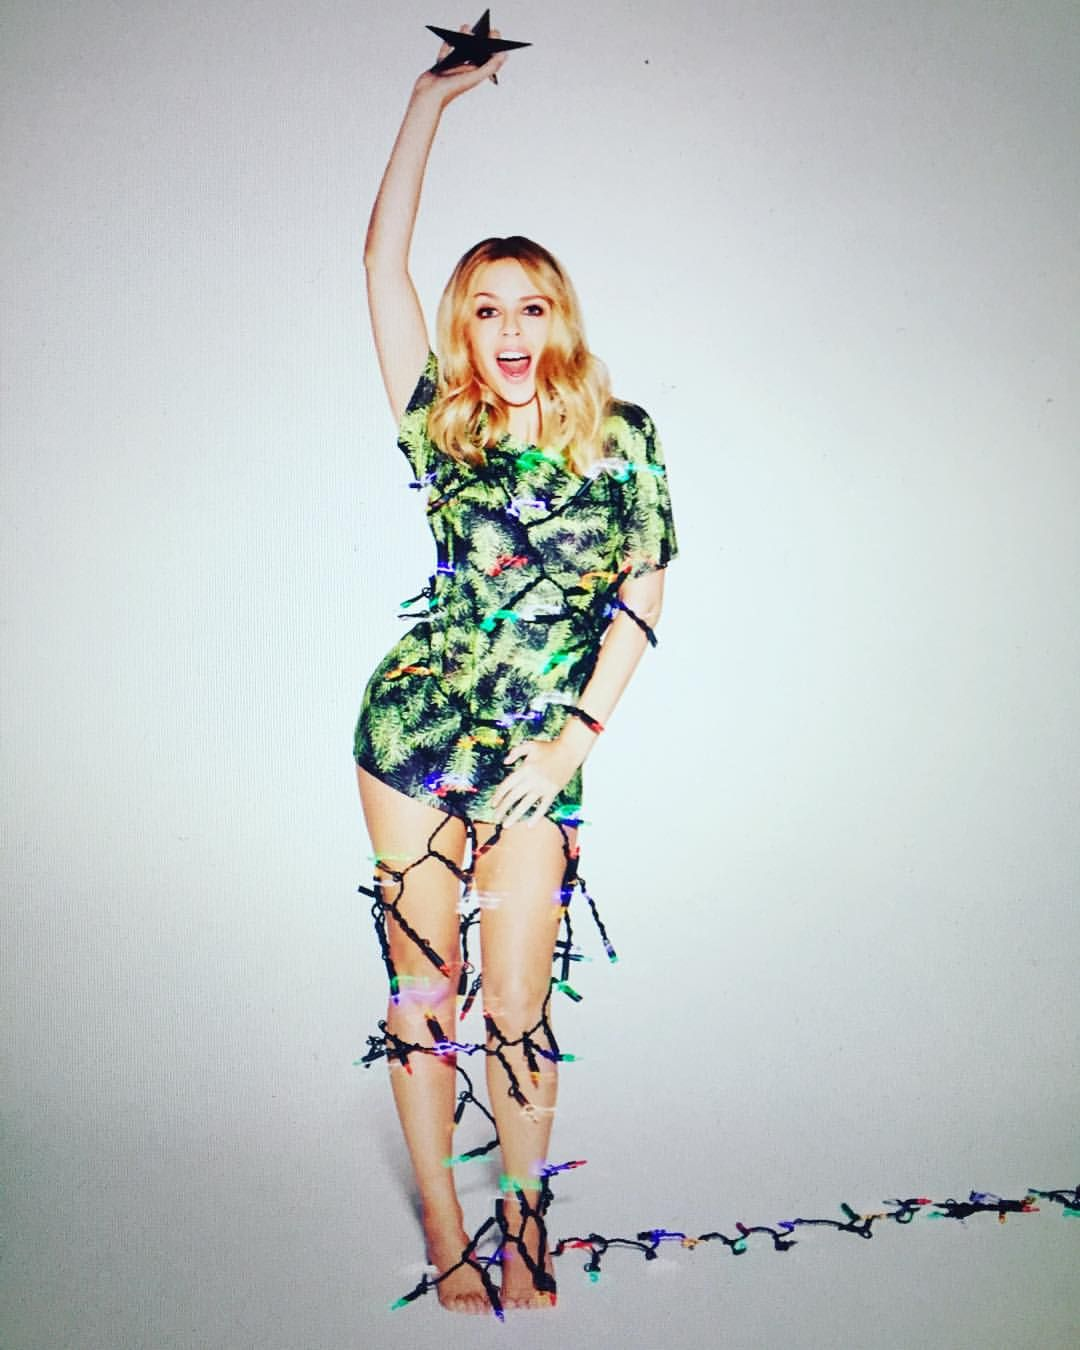 Kylie Minogue 9th December 2015 William baker on Instagram ...